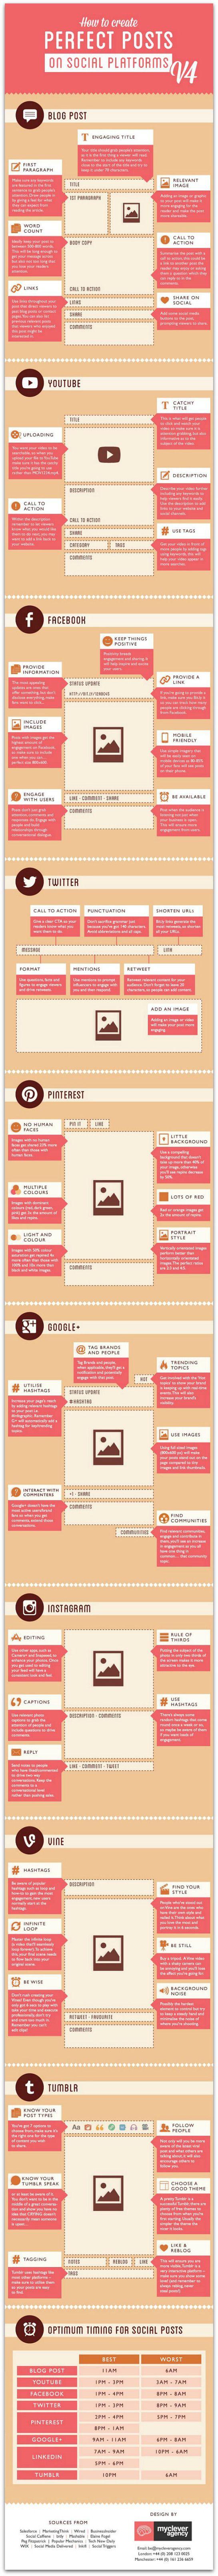 infographie écrire posts parfaits